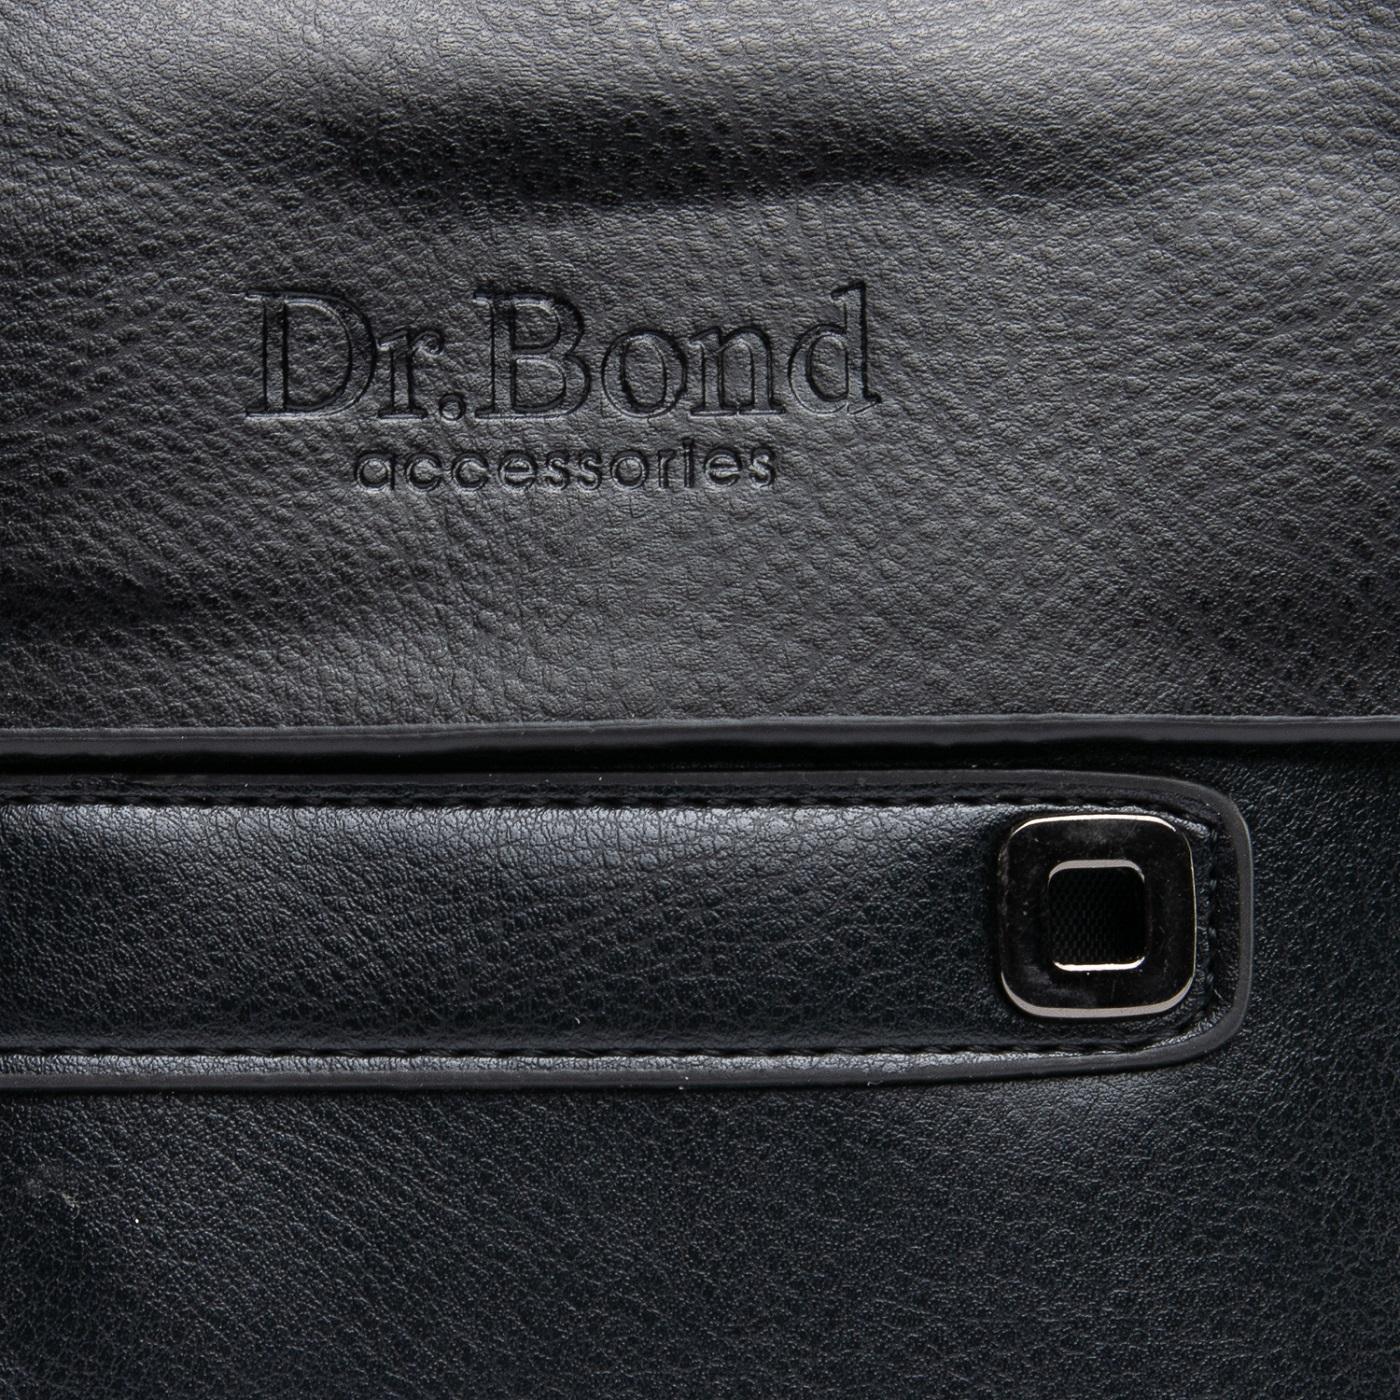 Сумка Мужская Планшет иск-кожа DR. BOND GL 512-1 black - фото 3